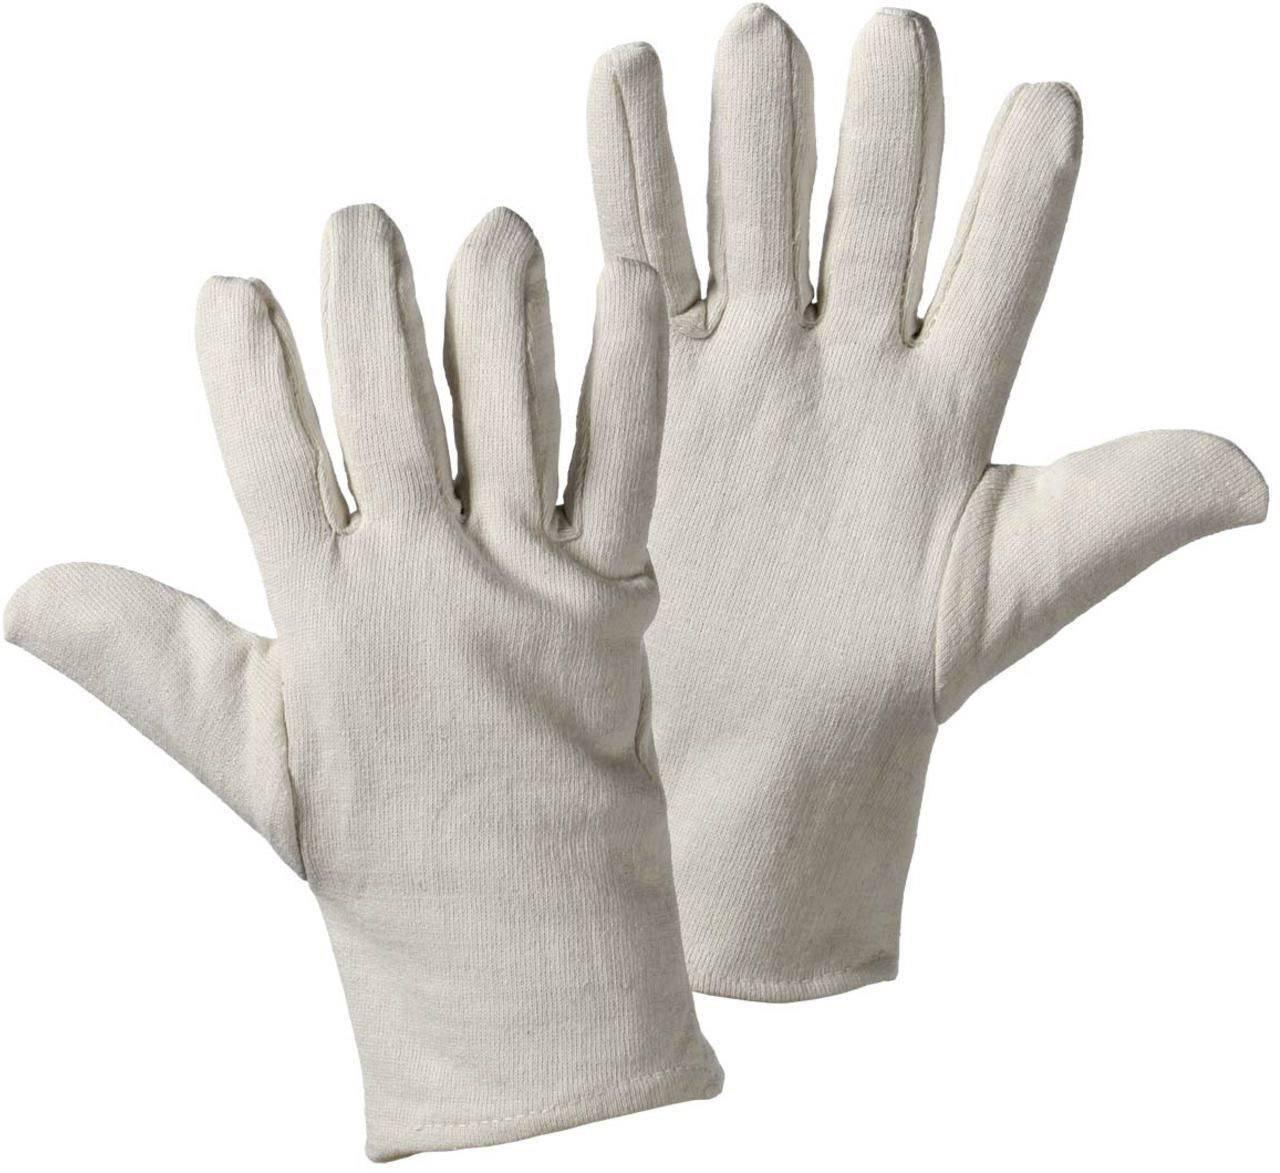 Podvlékací rukavice Griffy Jersey 1005, velikost rukavic: 10, XL